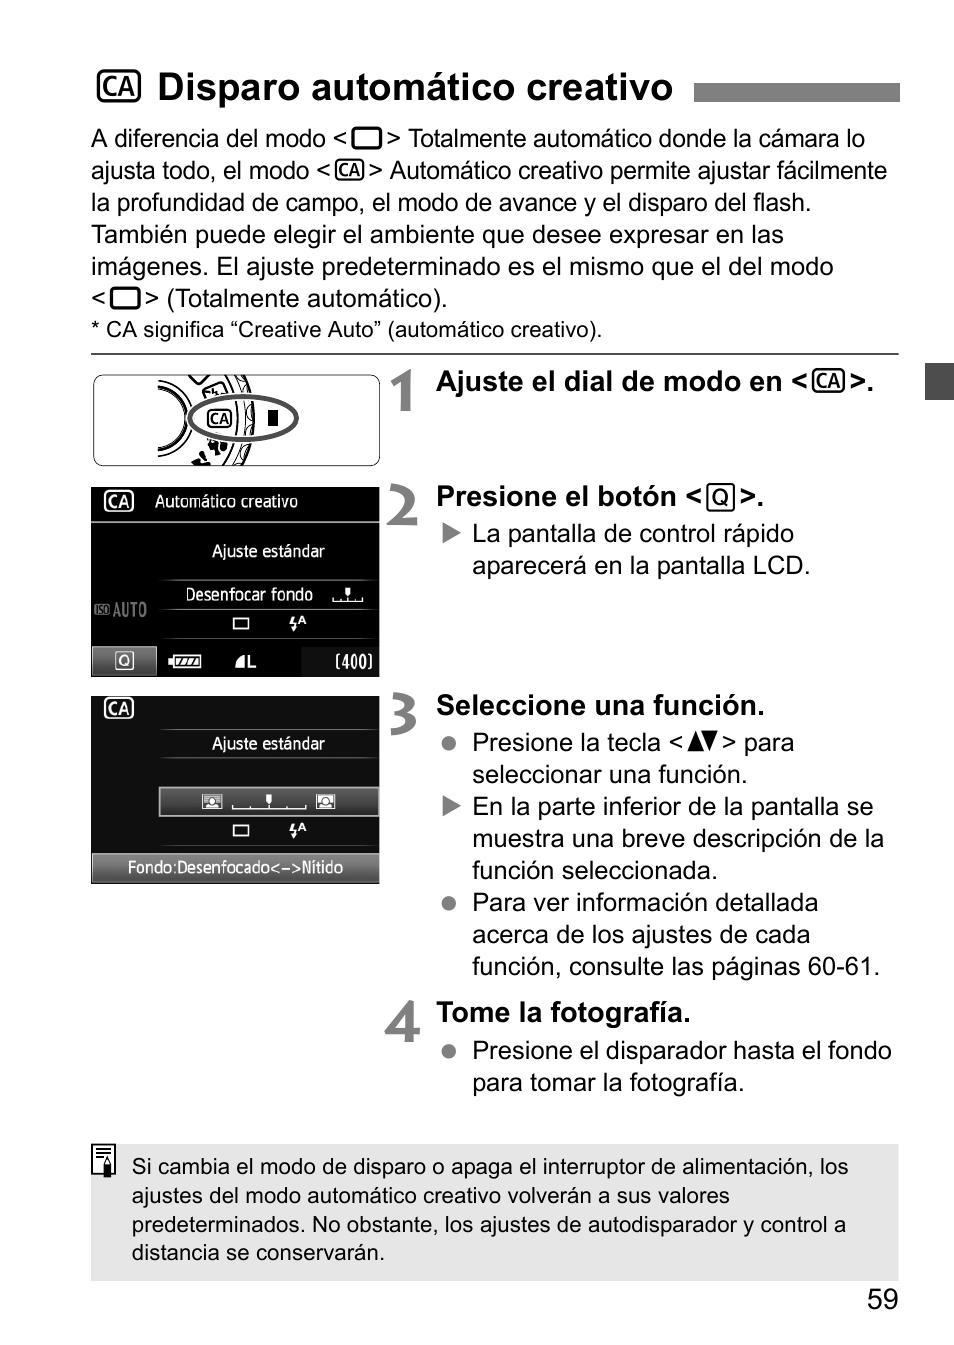 C disparo automático creativo   Canon EOS 60D Manual del usuario   Página  59 / 320